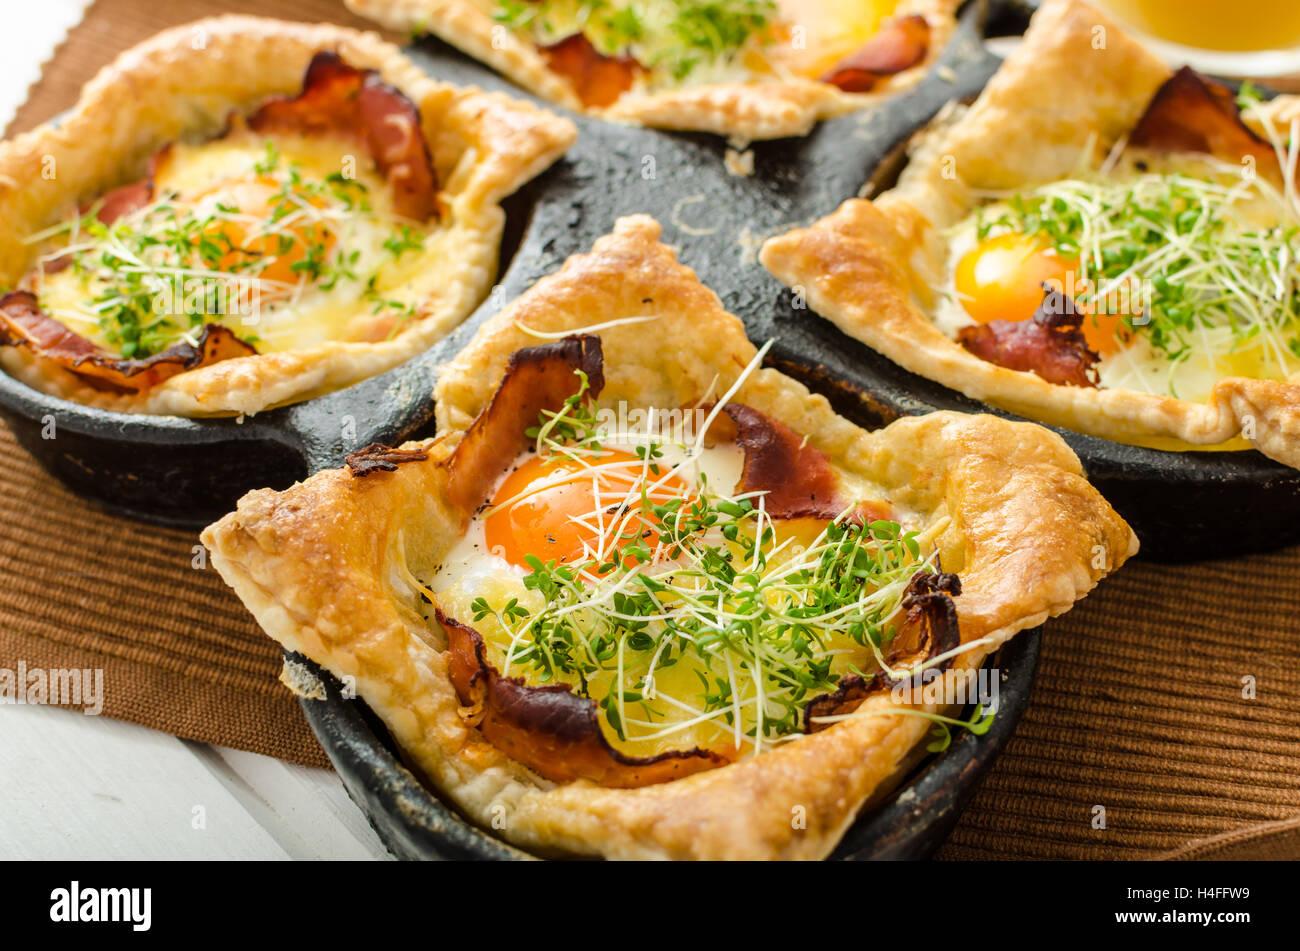 Spiegeleier In Blätterteig In Schinken überbacken Mit Käse Und